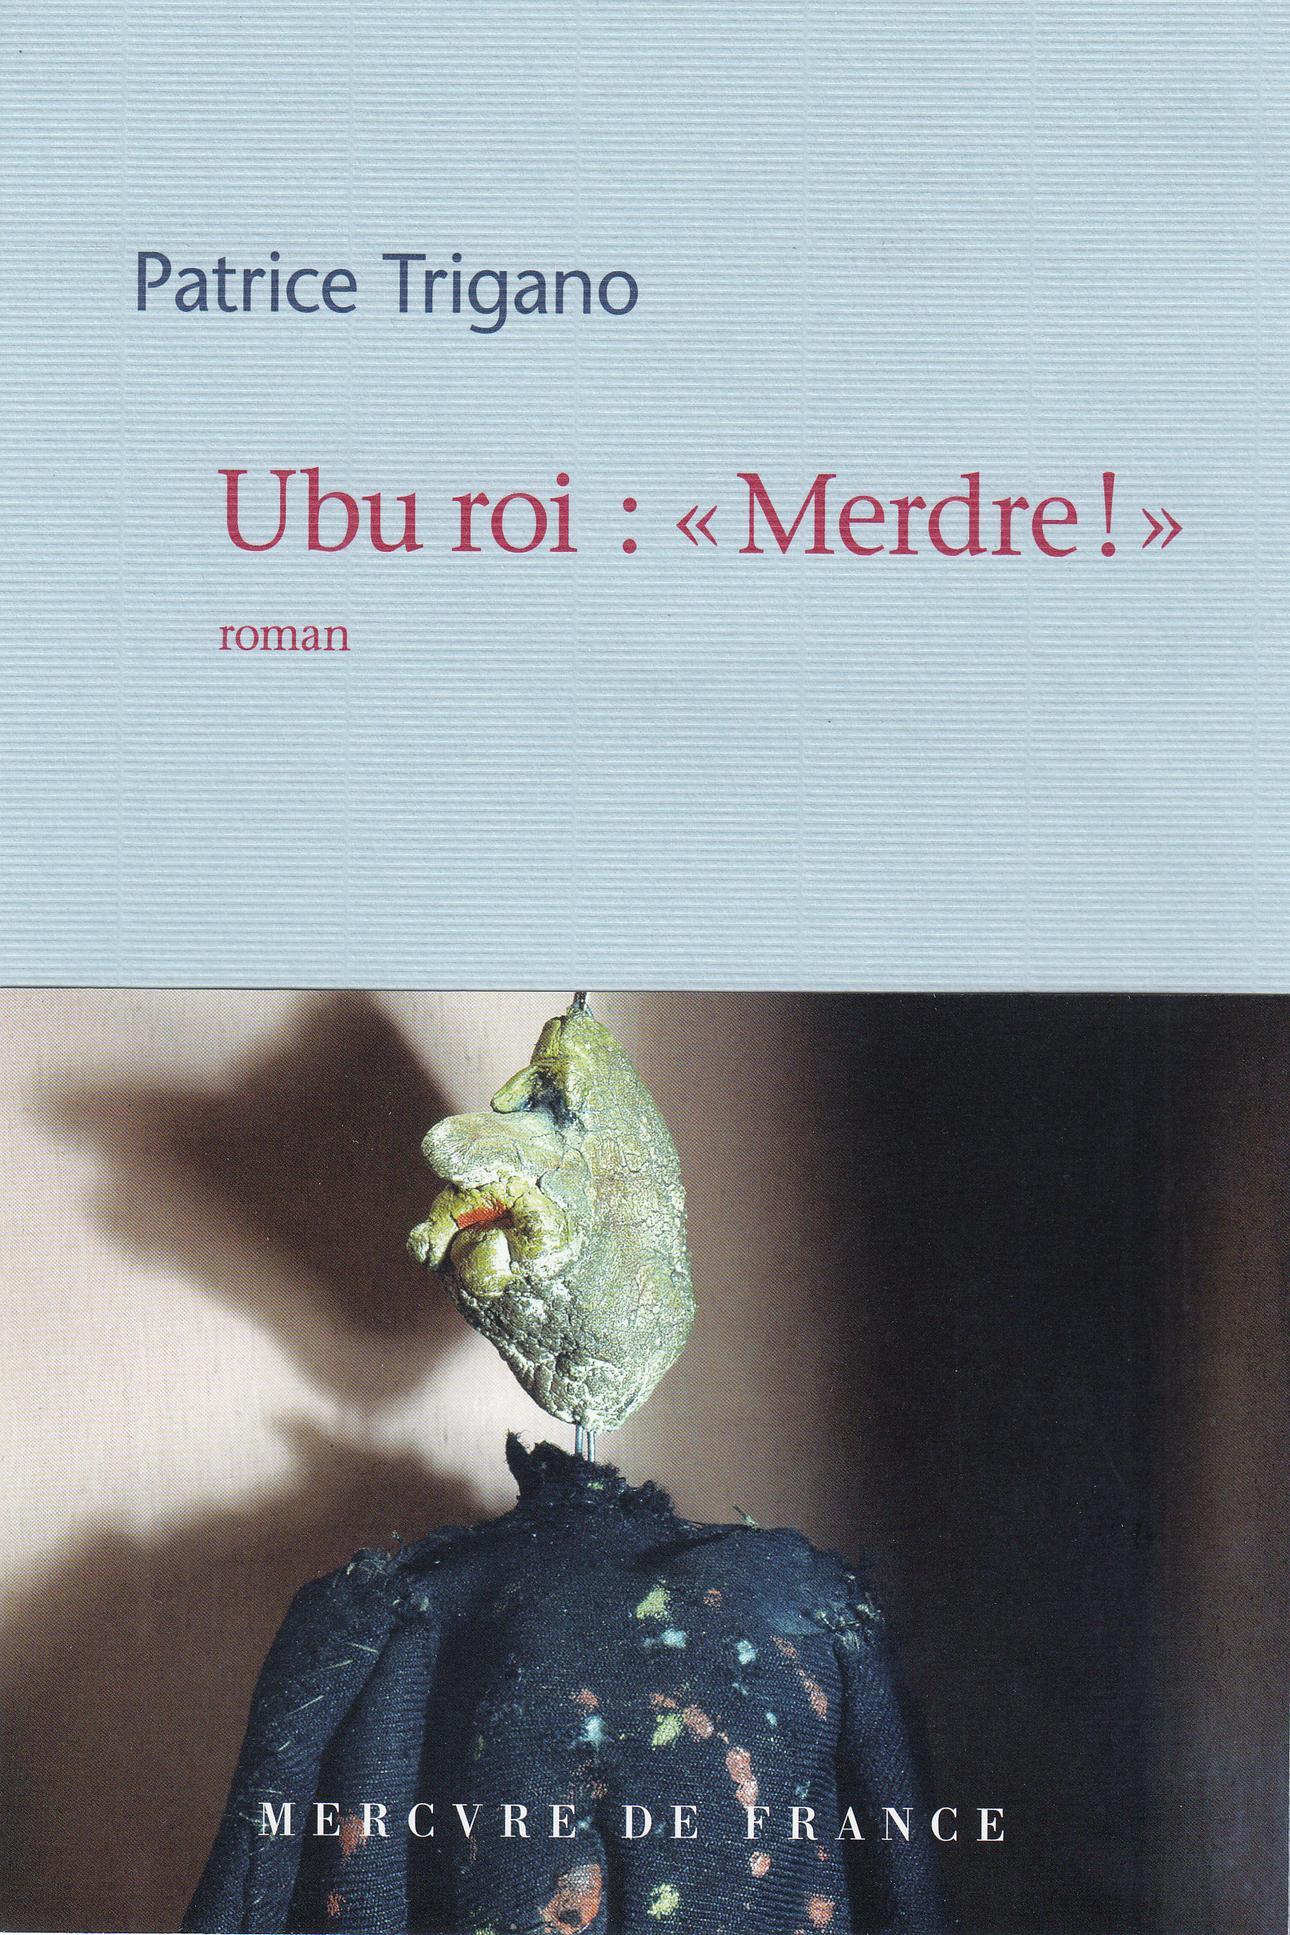 """Ubu roi : """"Merdre !"""""""